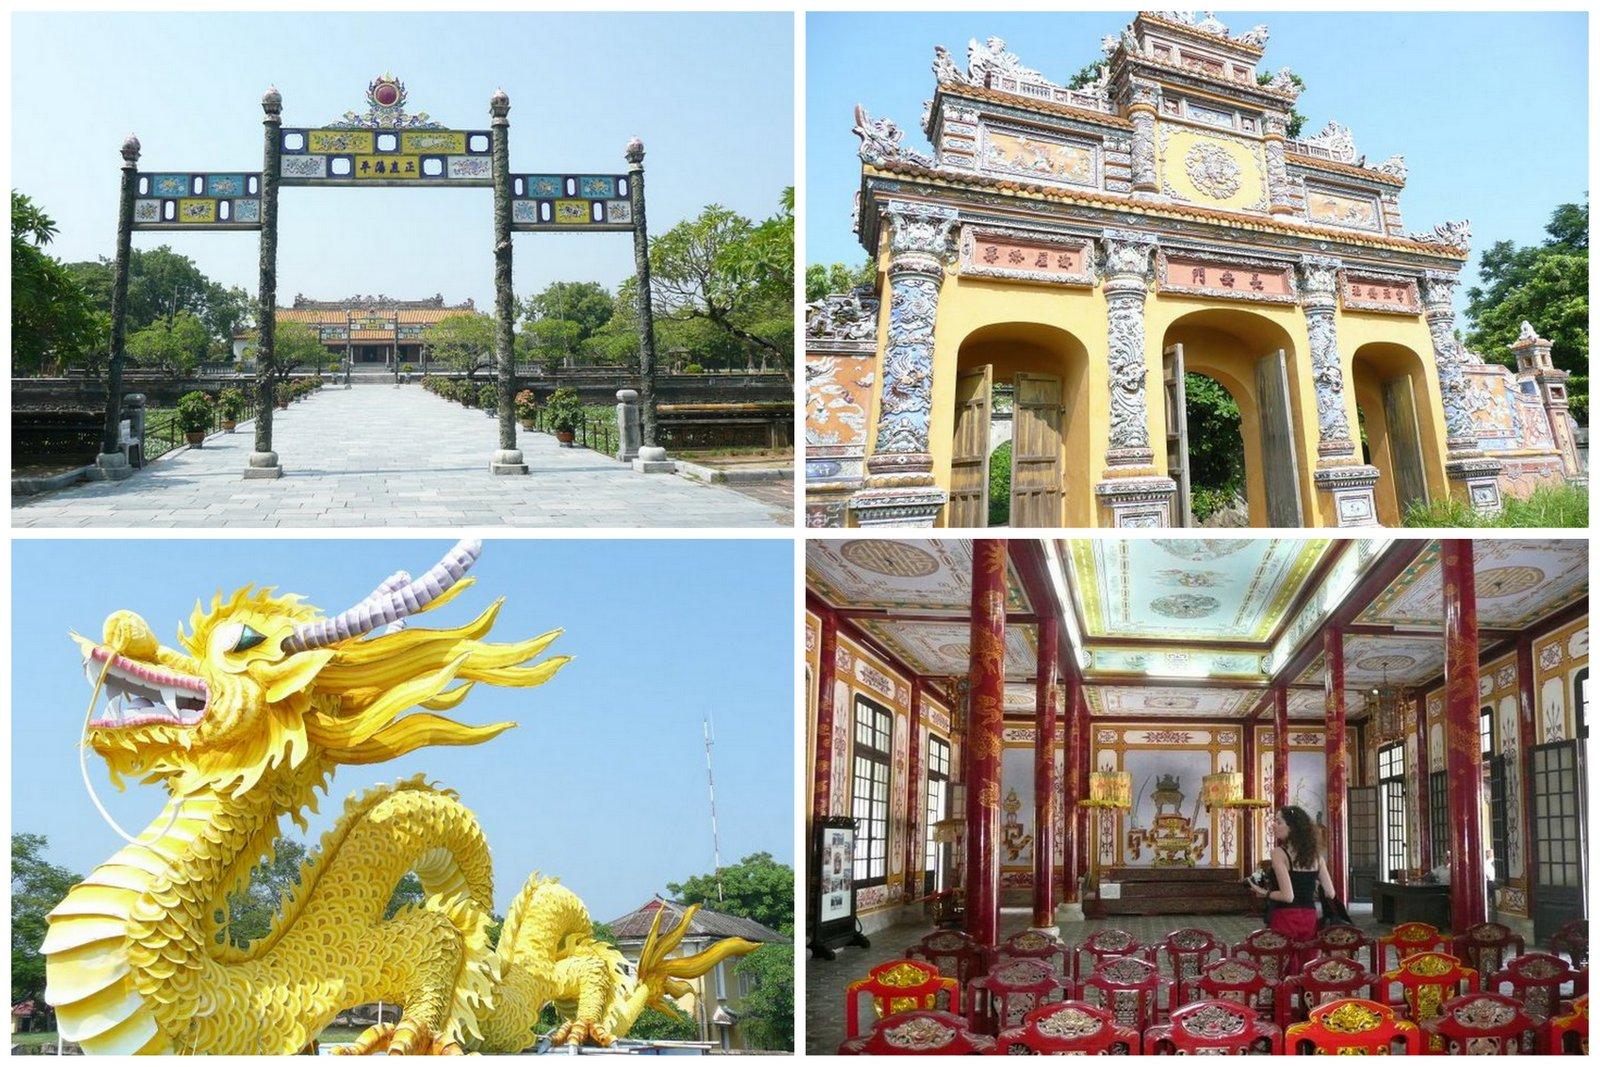 La ciudad imperial de Hue (fotos Viajes y Películas)